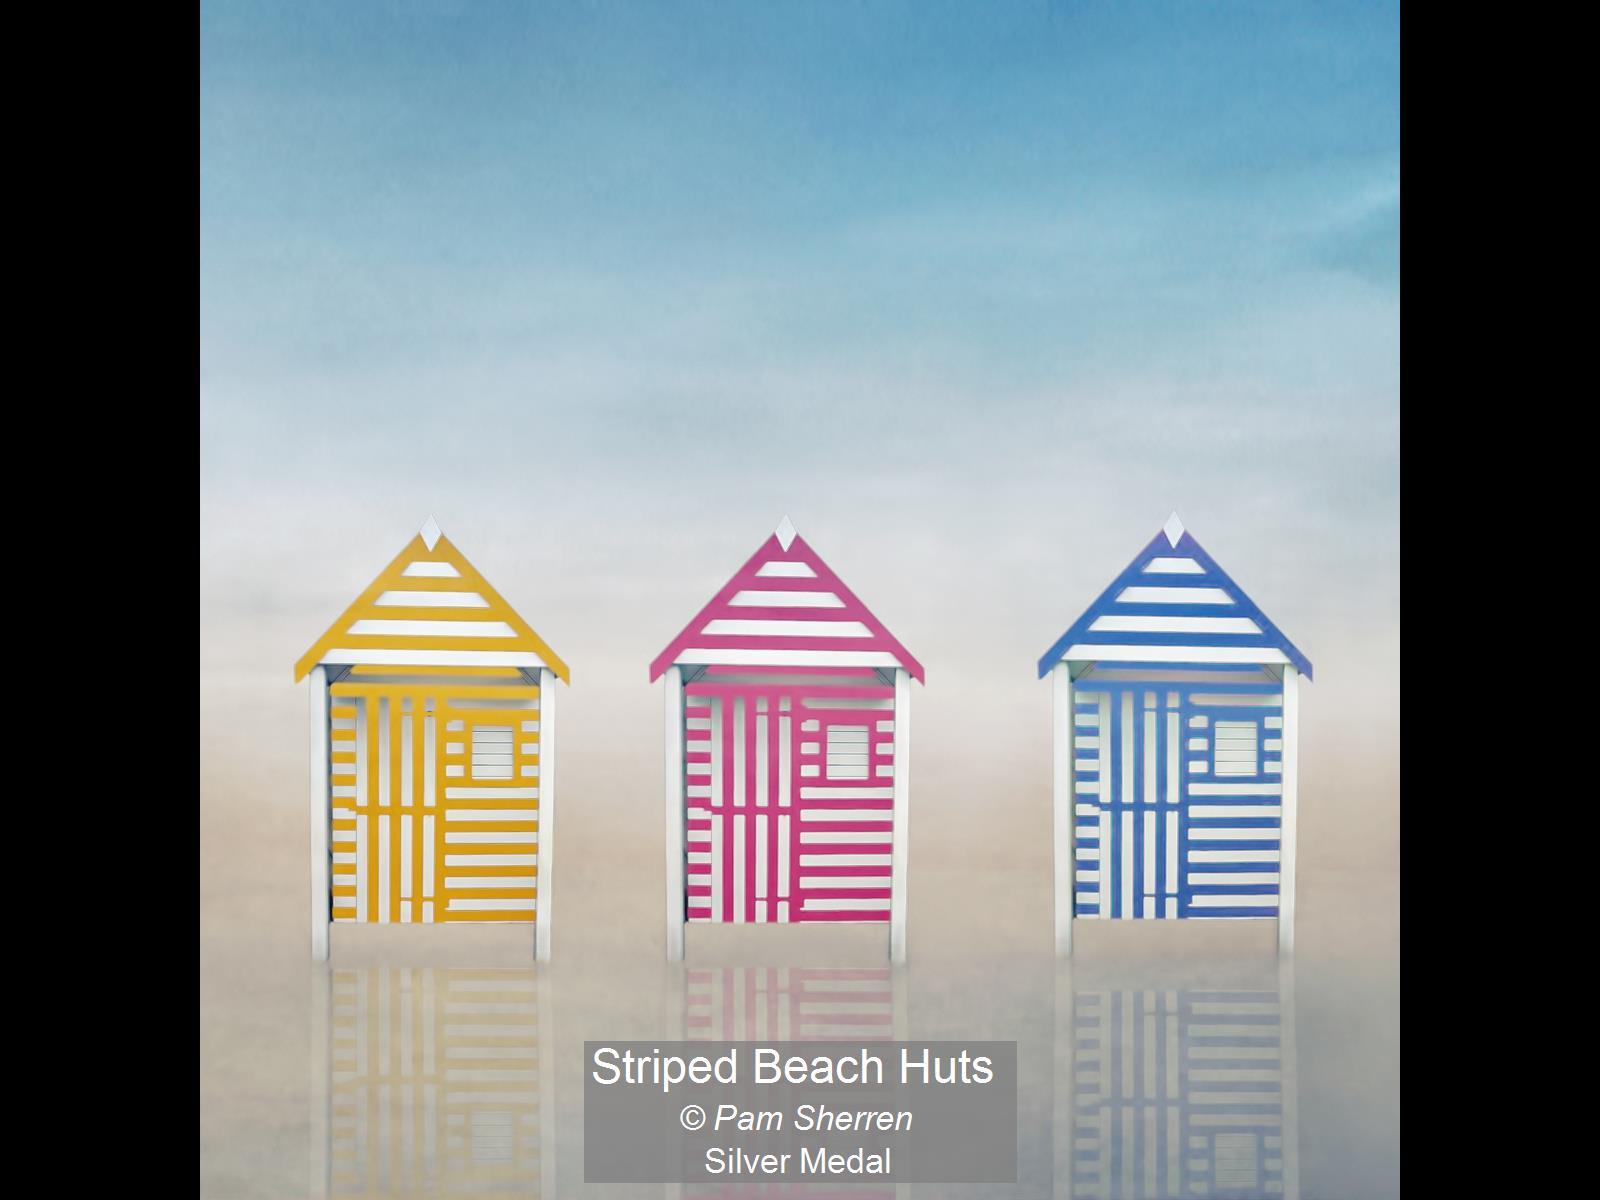 Striped Beach Huts_Pam Sherren_Silver